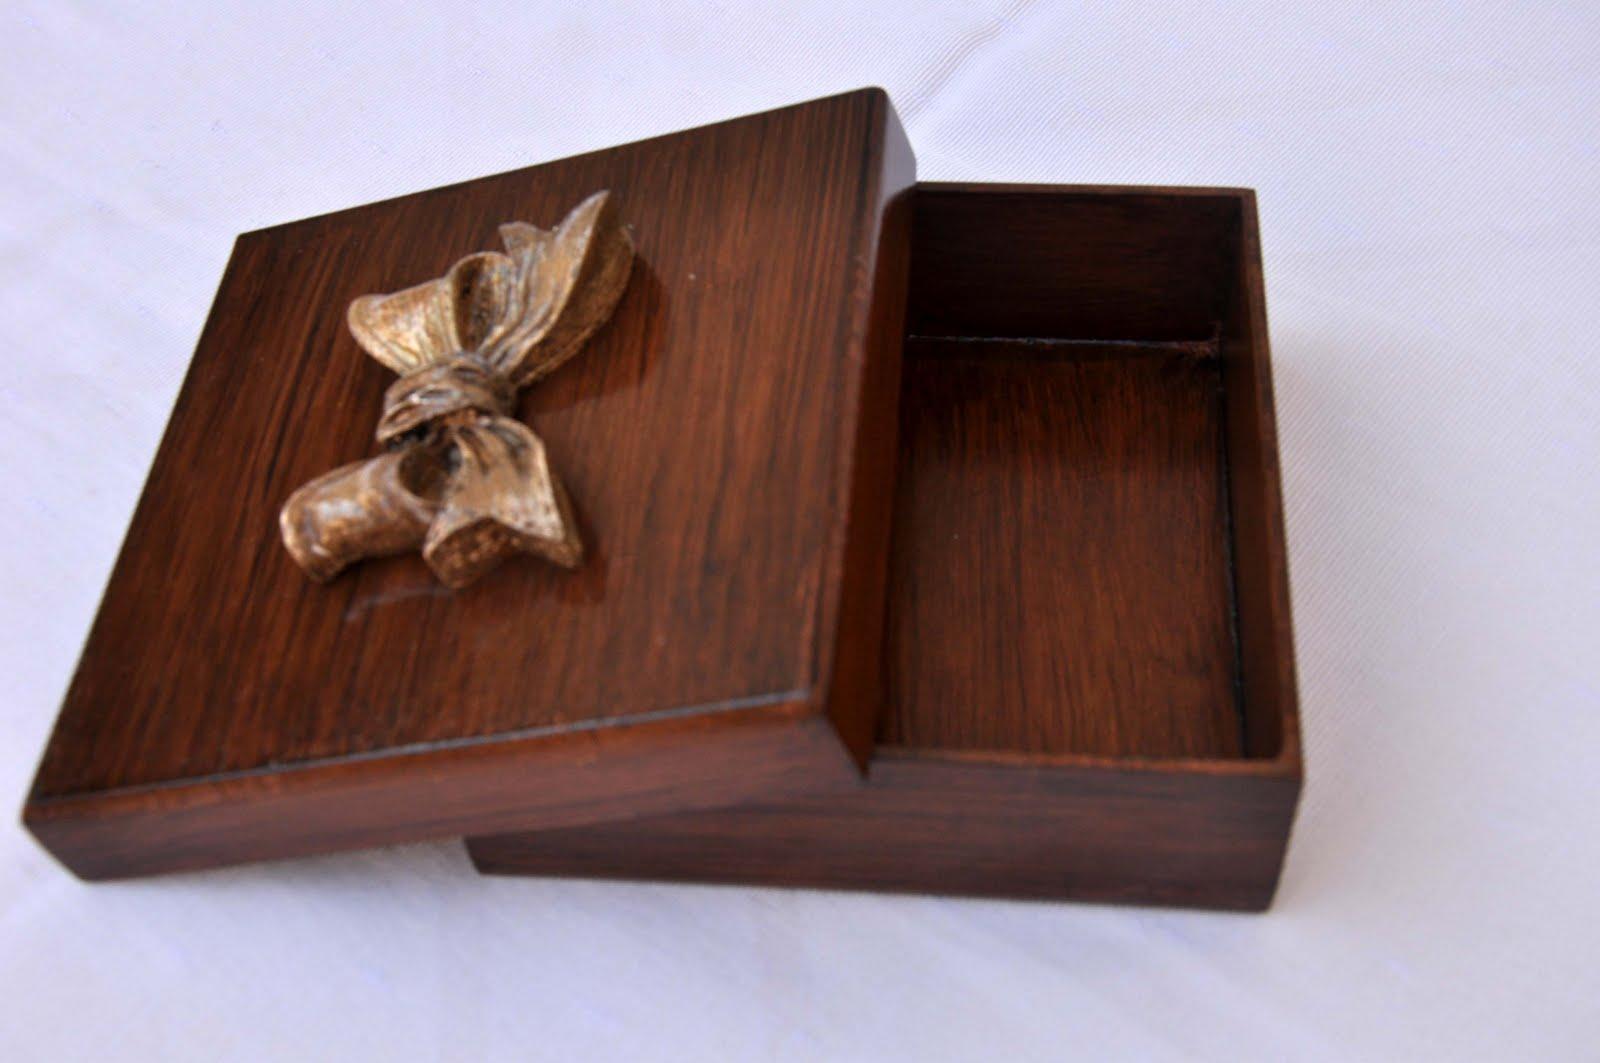 #3B1E16 Blog da Márcia Storti: Caixas para presentes 1600x1063 px caixas de madeira para hortaliças @ bernauer.info Móveis Antigos Novos E Usados Online